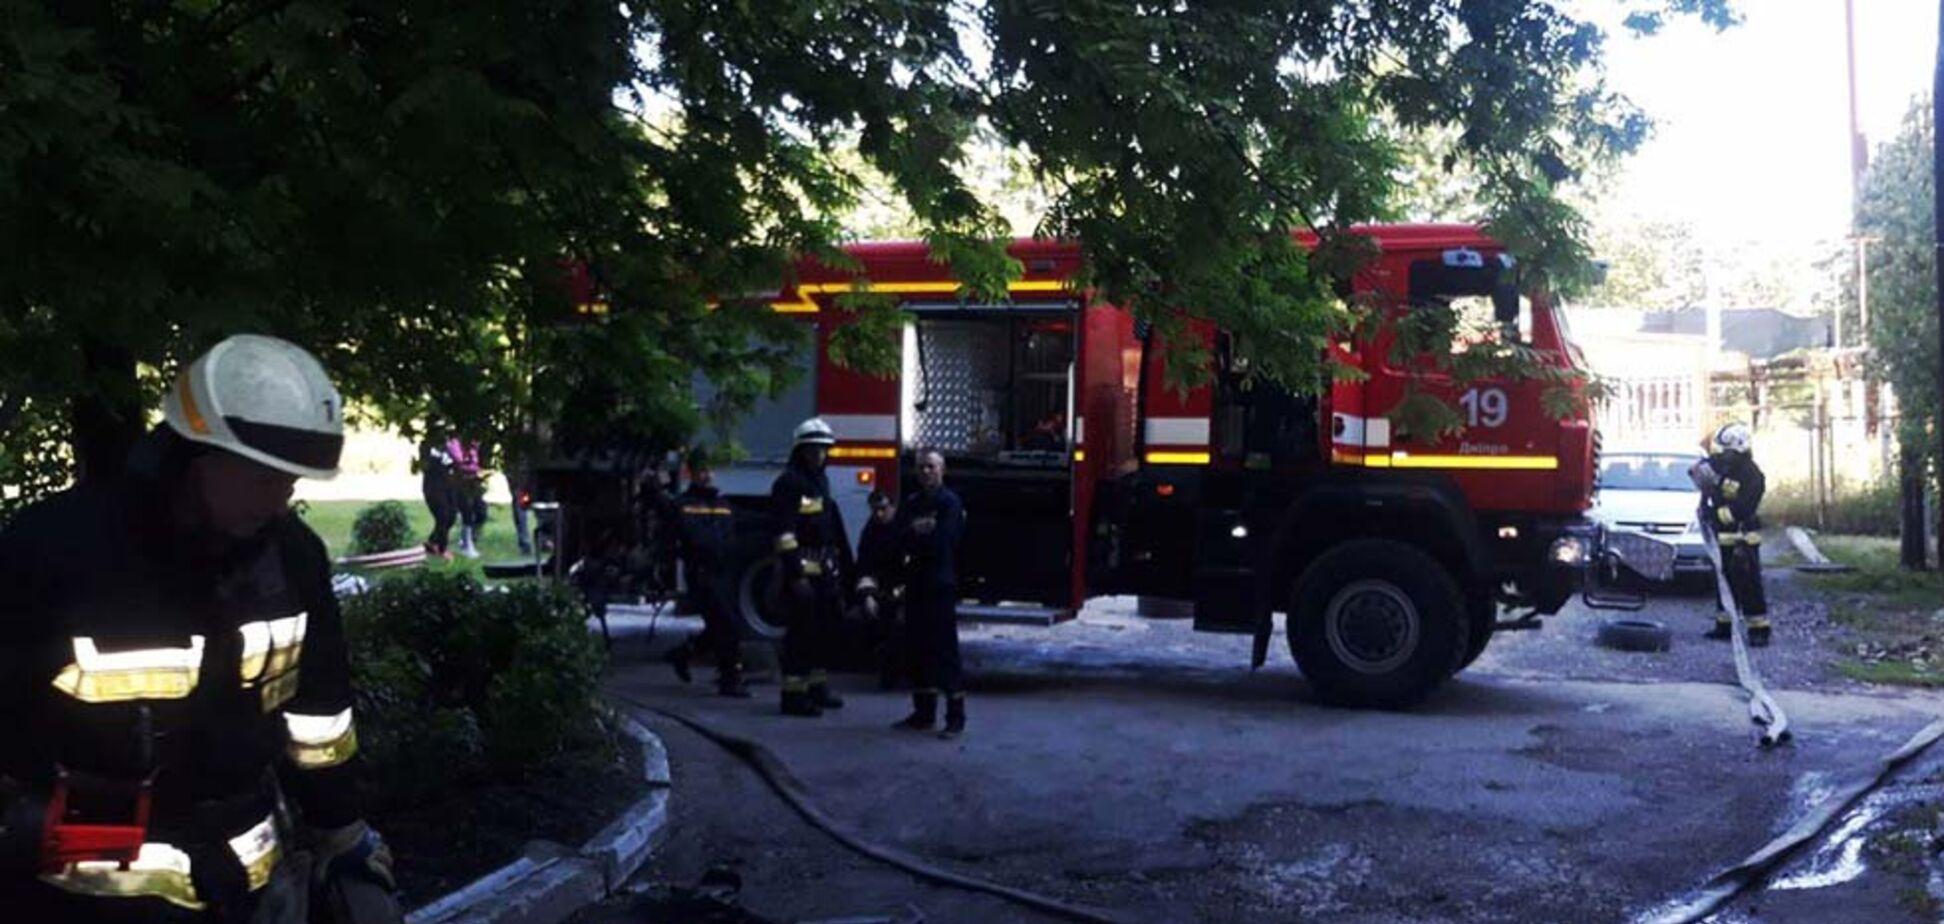 Пожежа в будинку на проспекті Праці. Джерело: Пресслужба ДСНС в Дніпропетровській області